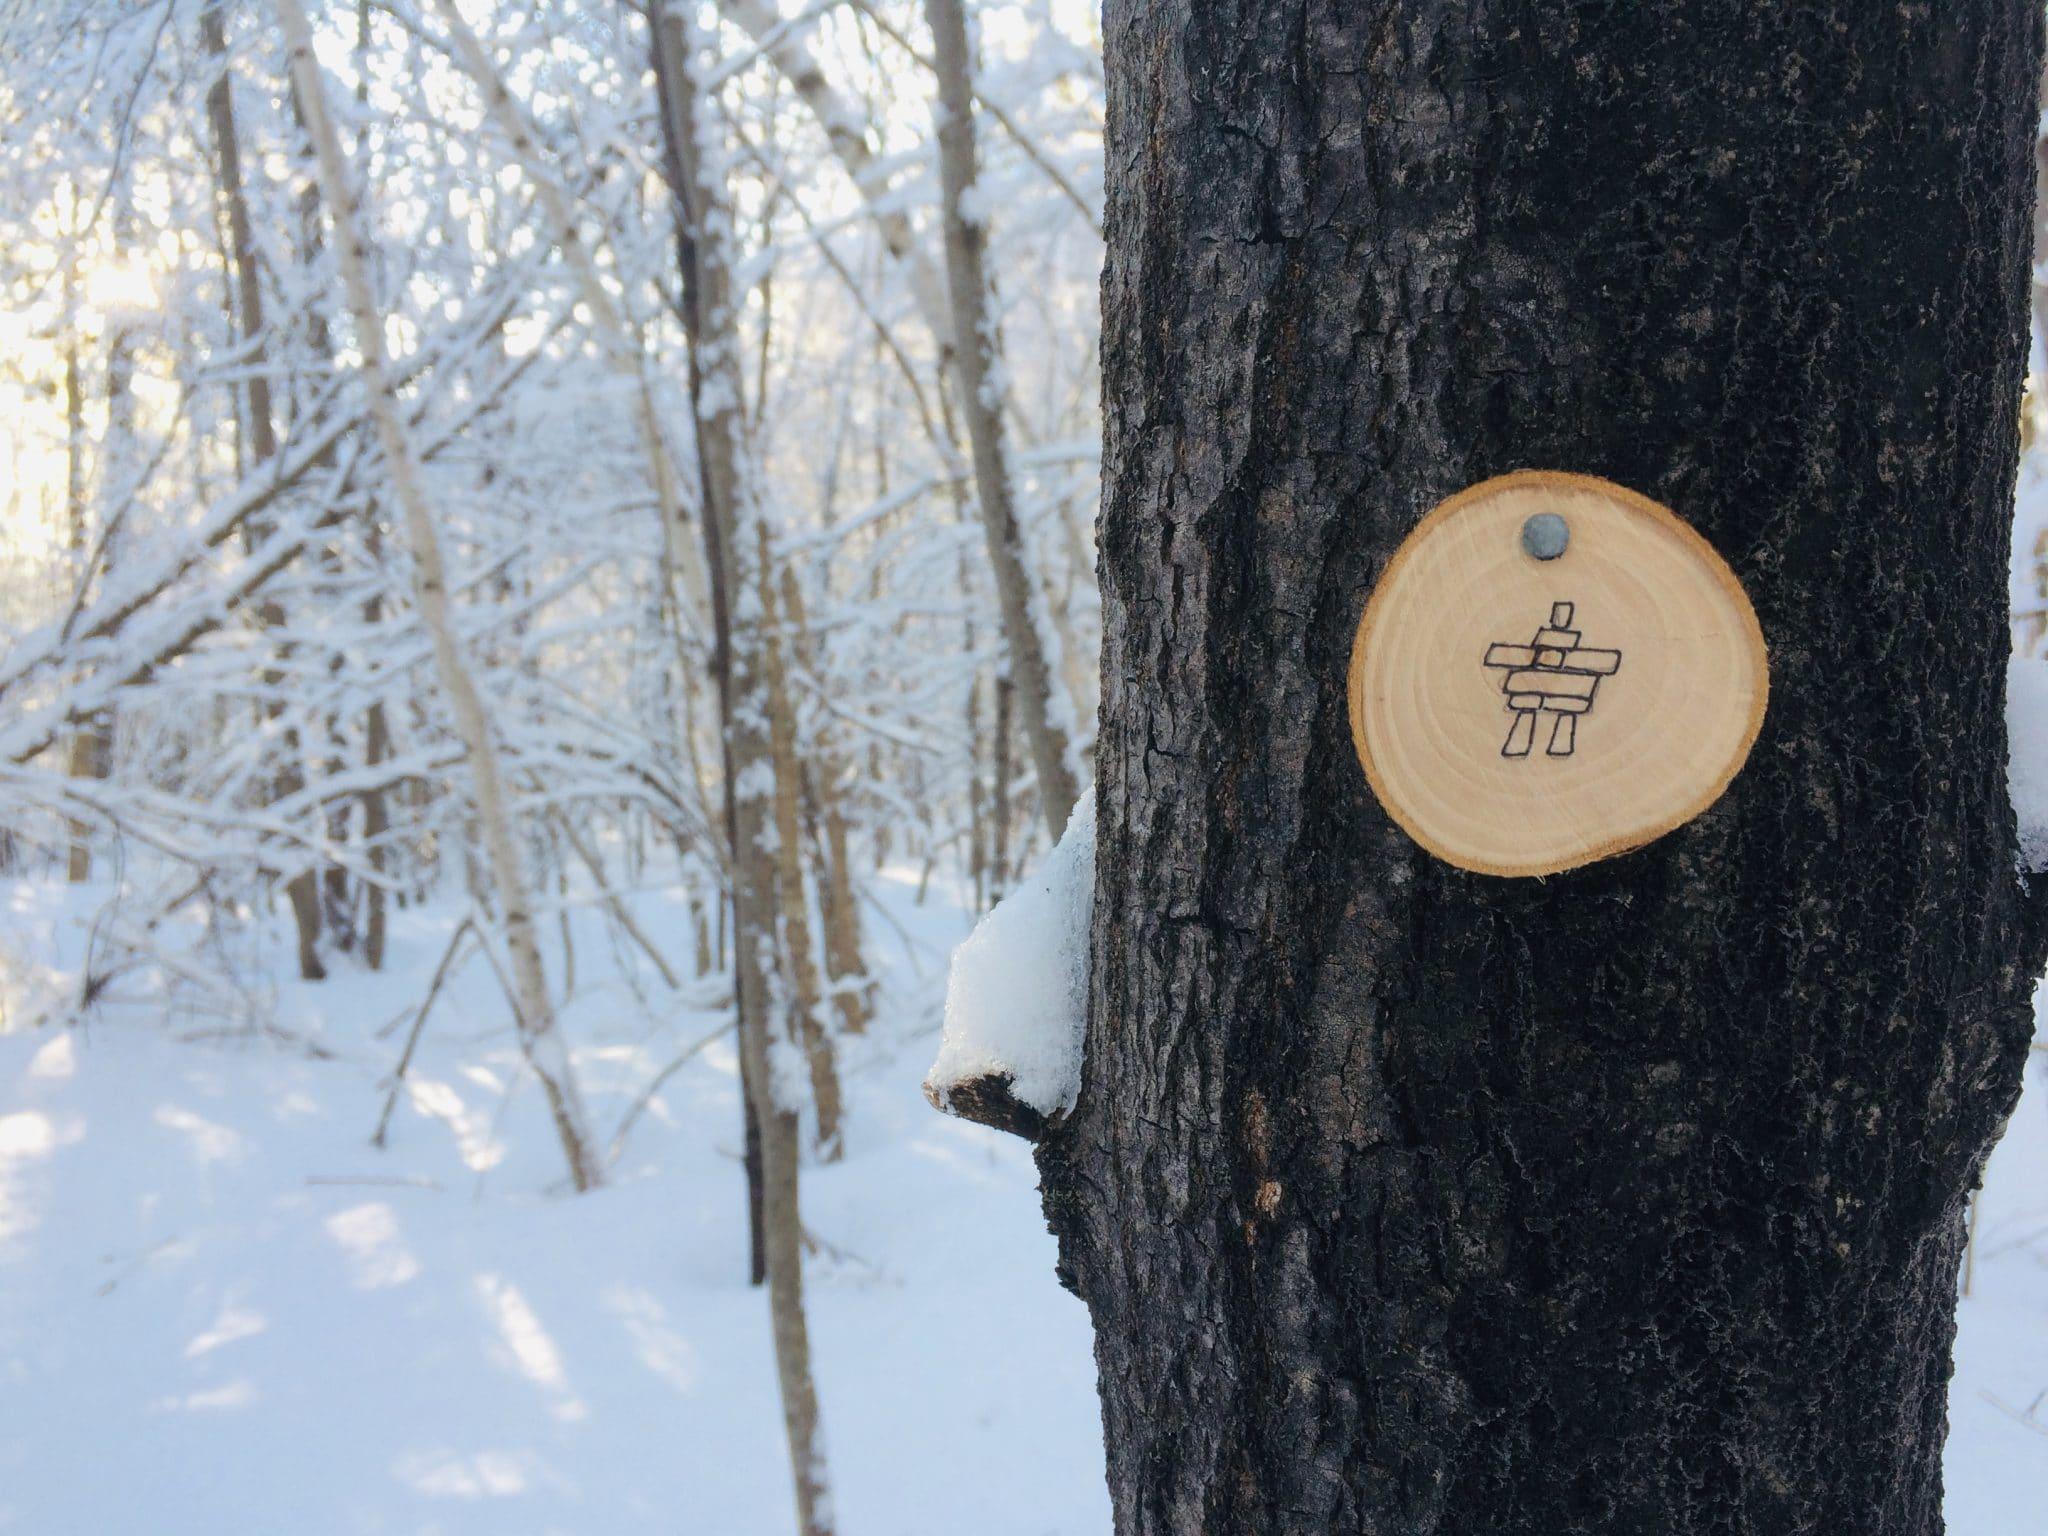 Indice sur un arbre. Crédit photo : Frédéric Moreau